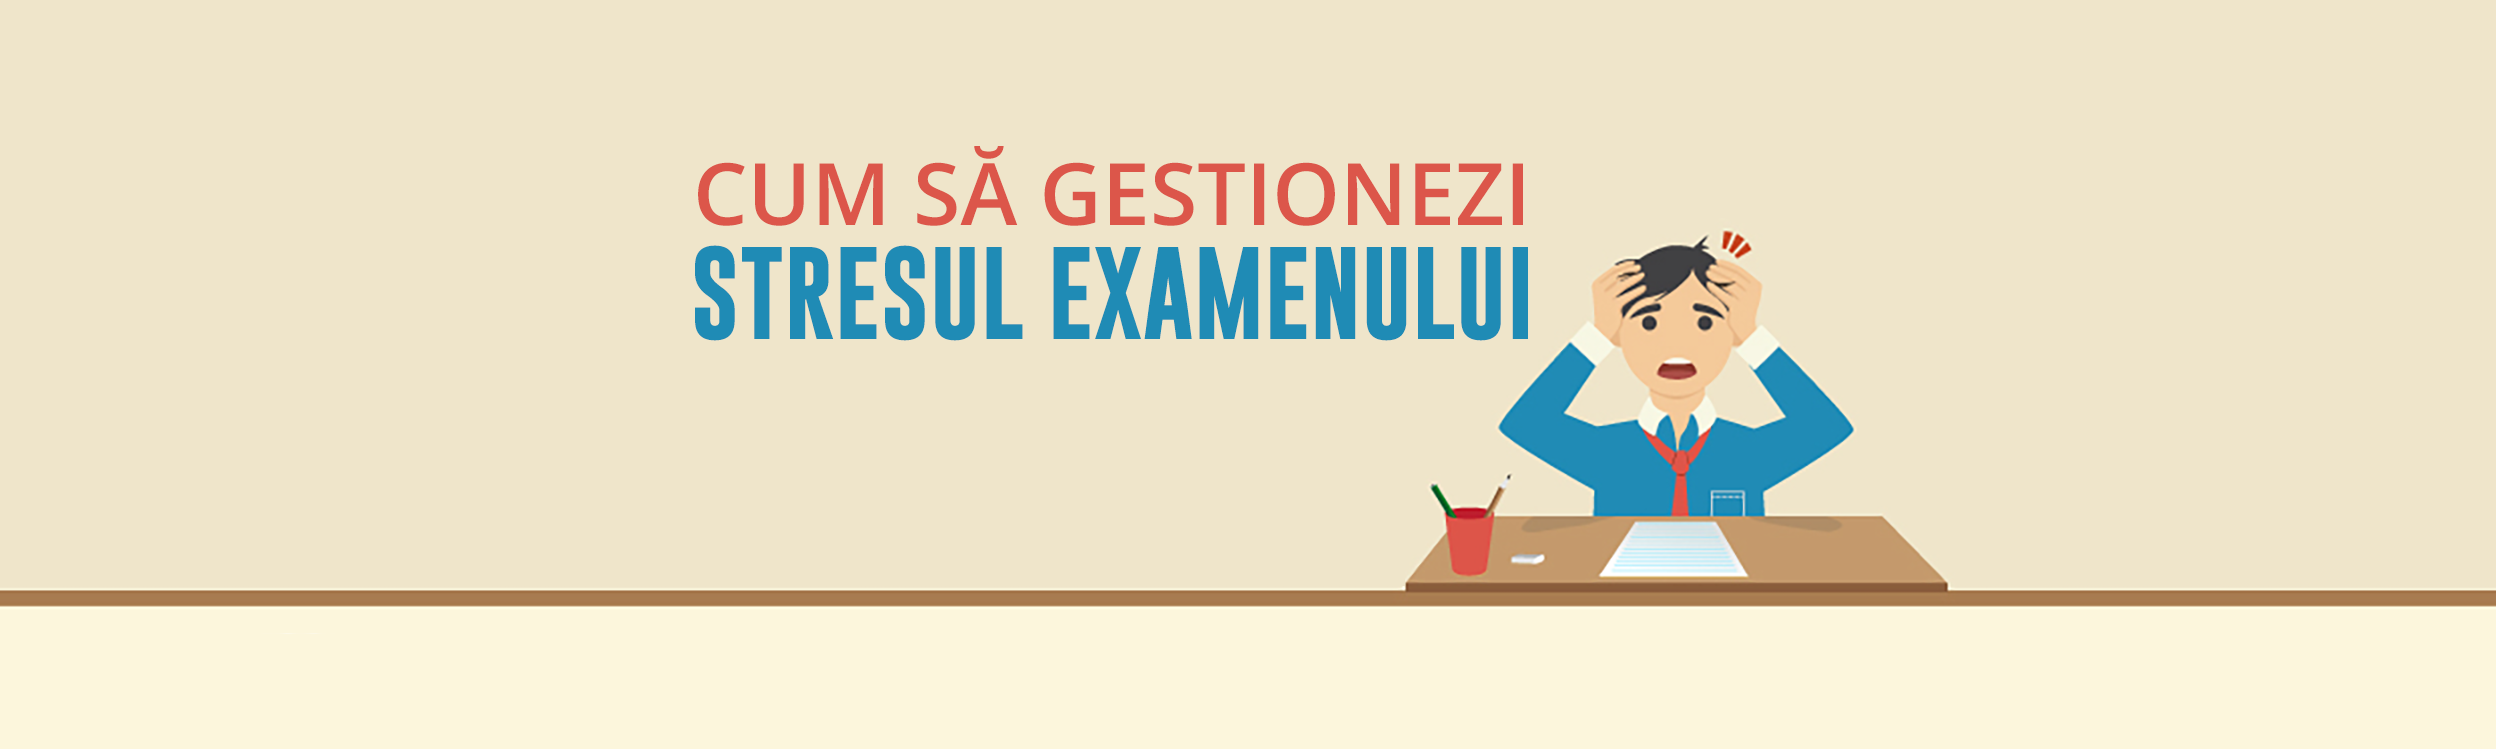 Cum să gestionezi stresul examenului